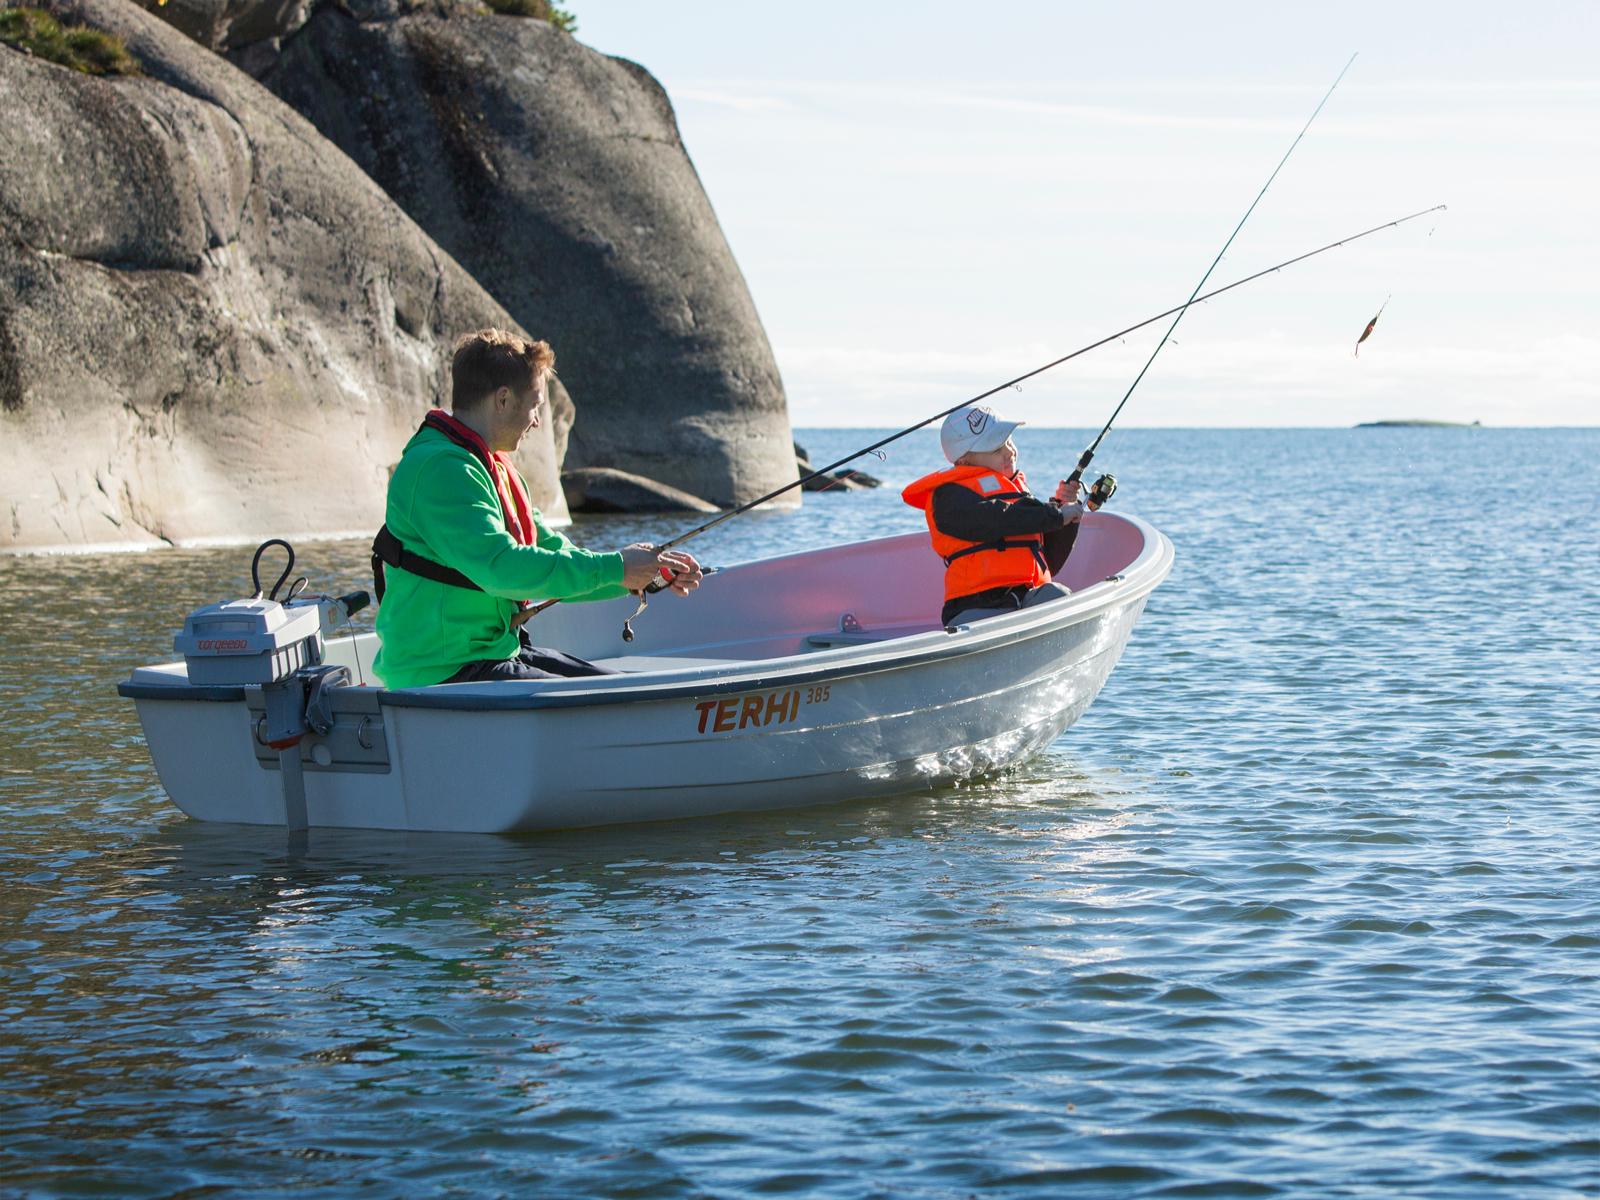 лучшие моторные лодки форум